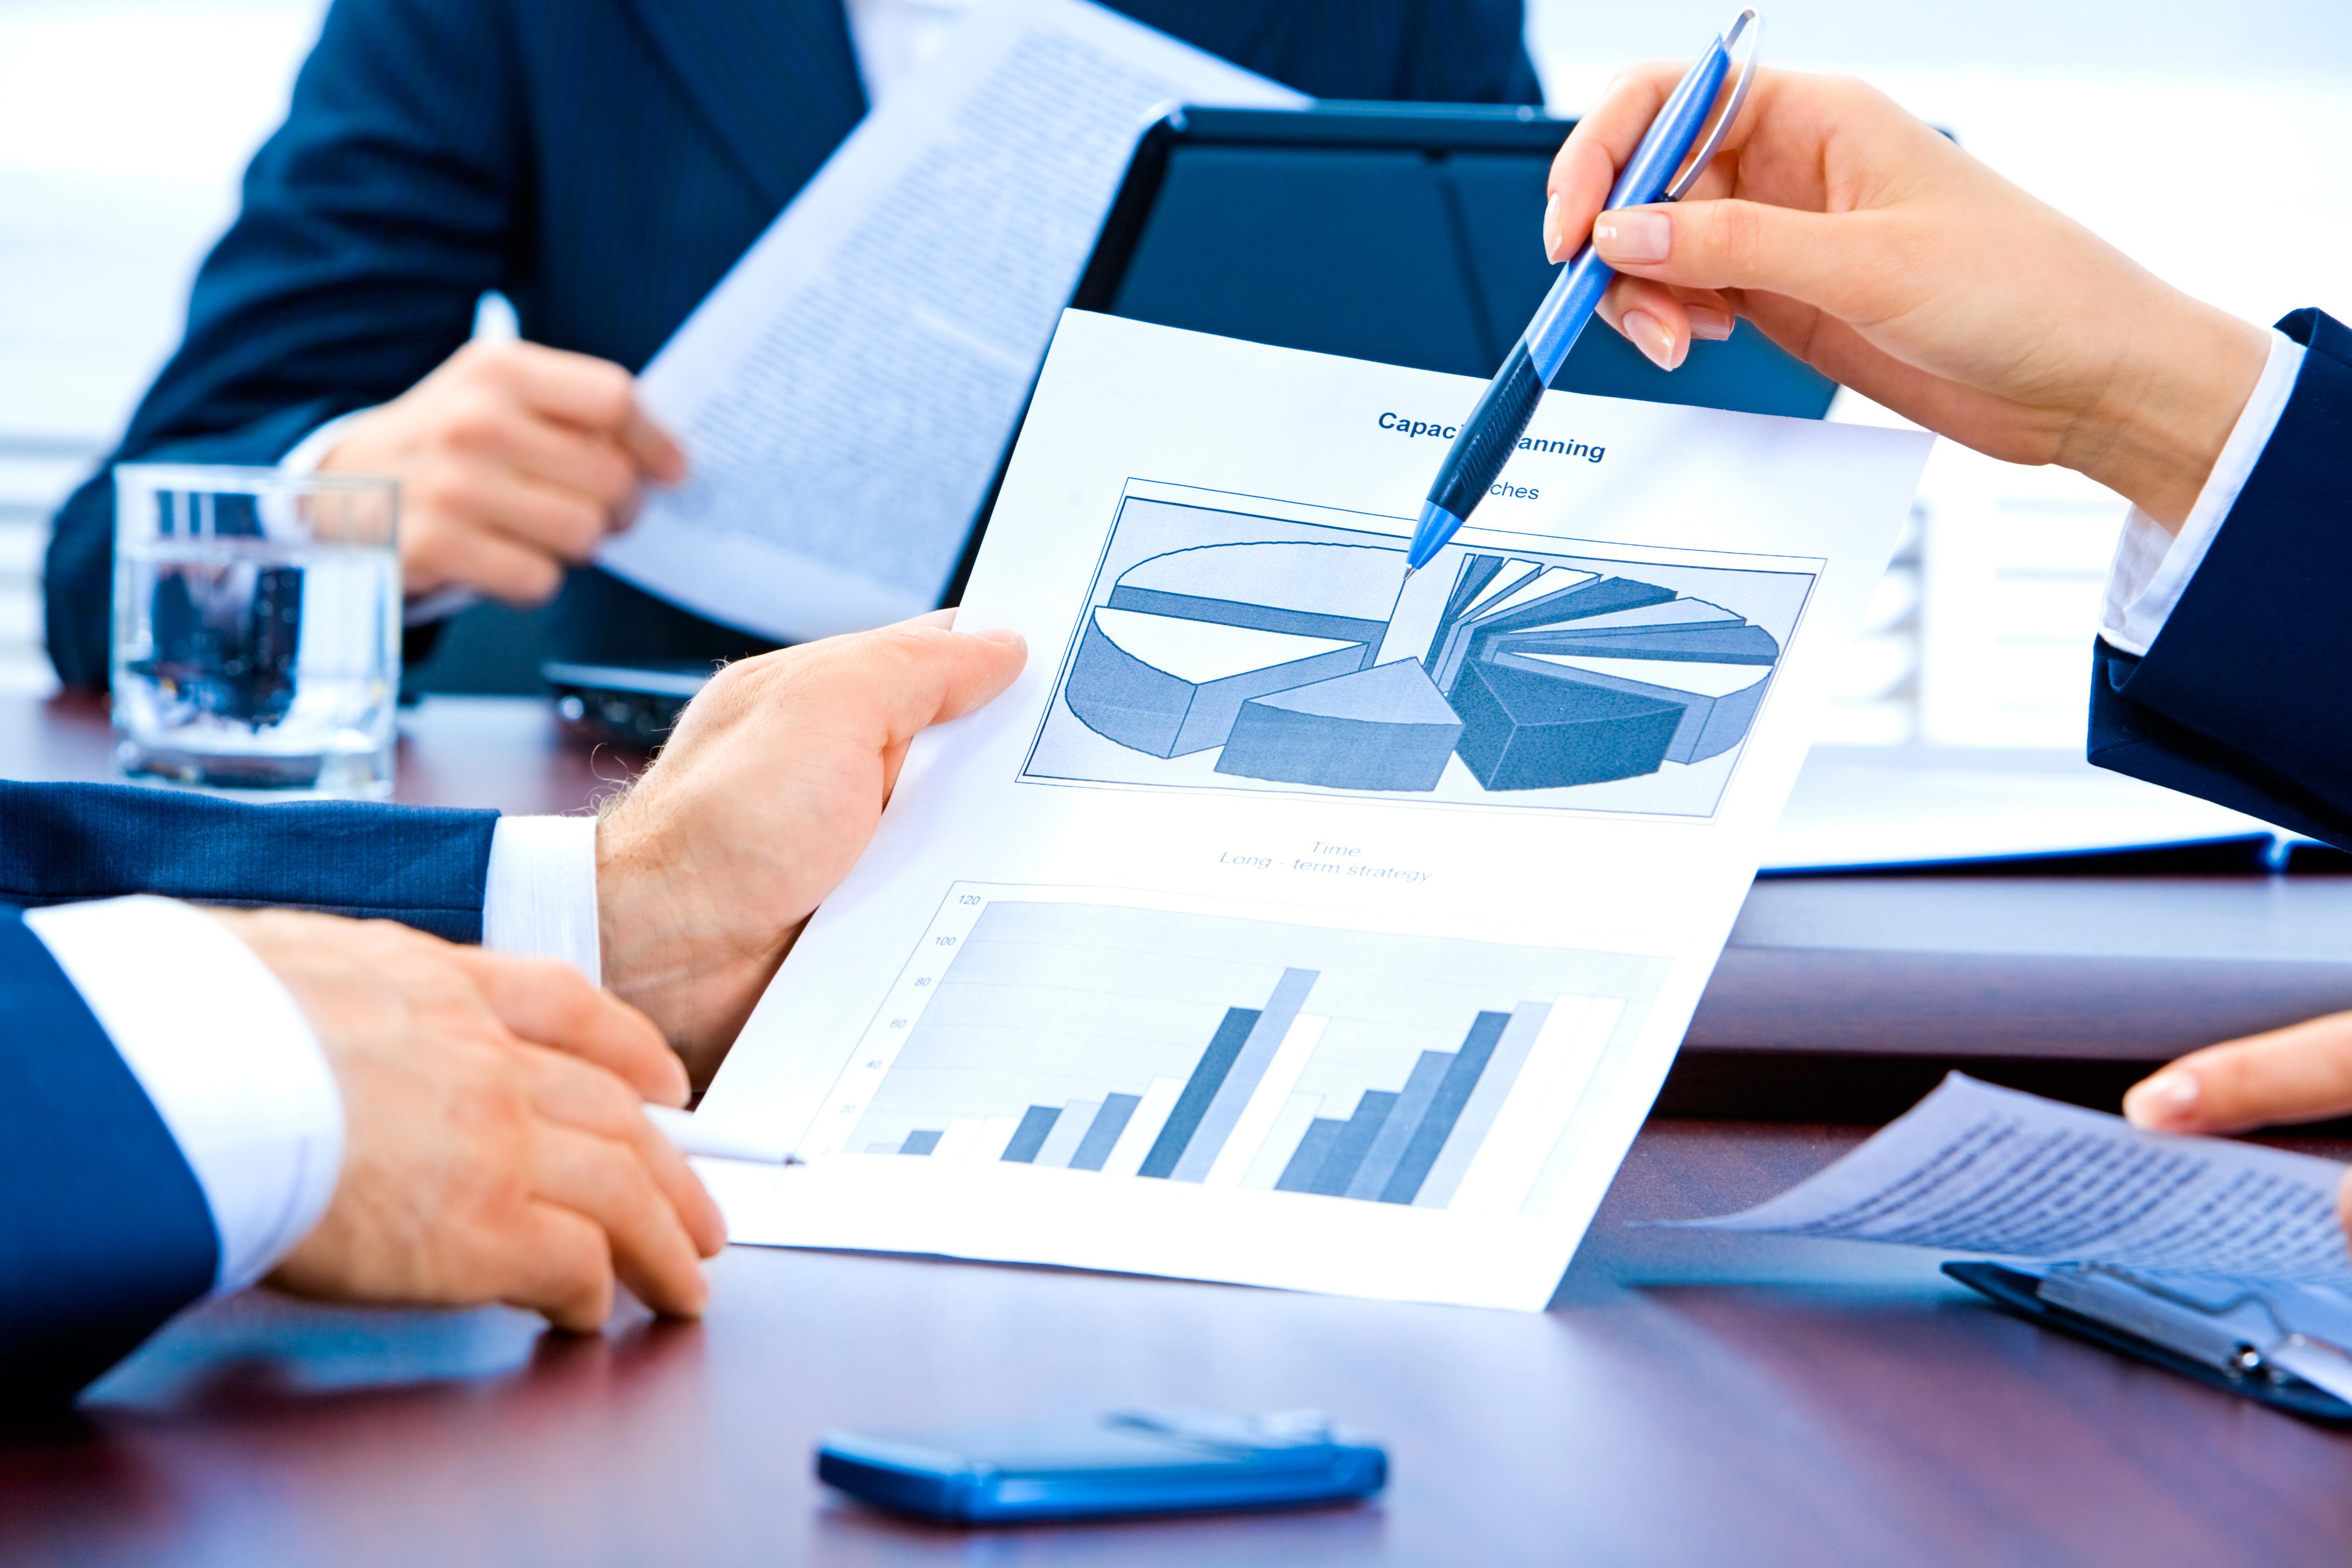 Այս տարվա հունվարին Հայաստանի տնտեսությունն աճել է 5.5%-ով